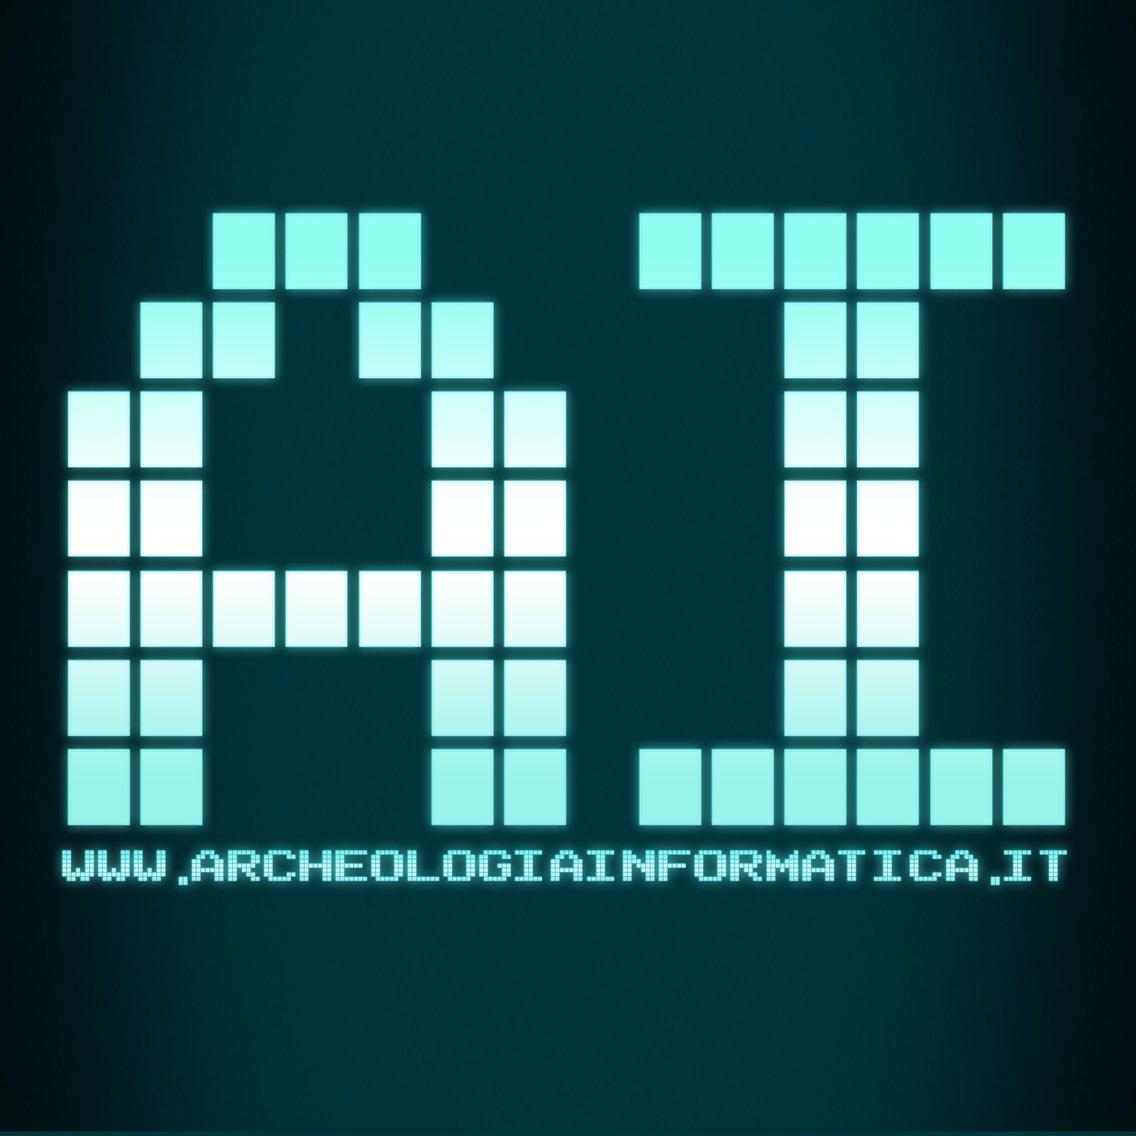 Archeologia Informatica - immagine di copertina